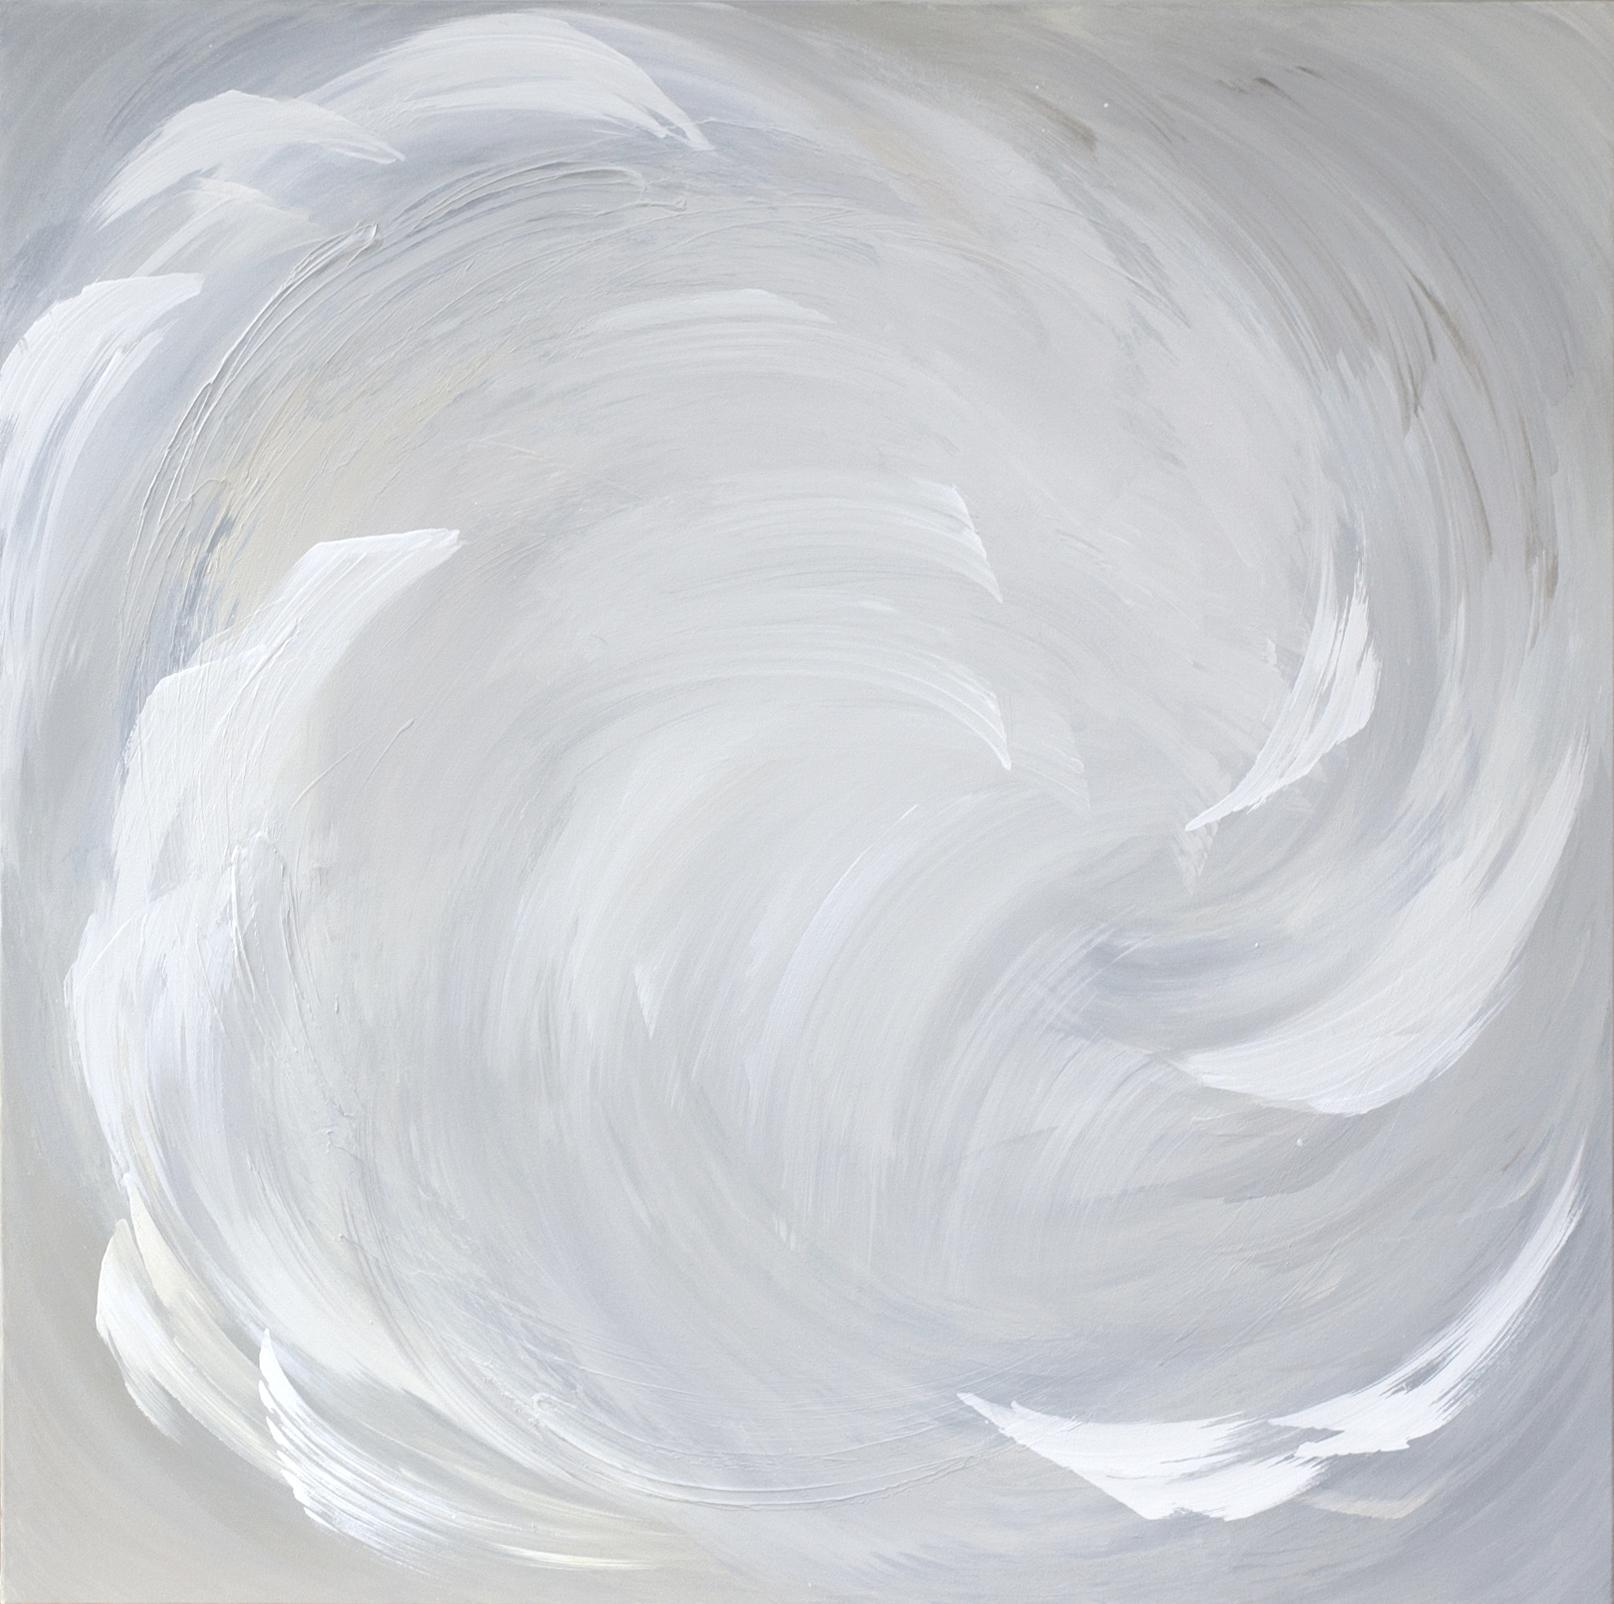 Lucid / Vortices